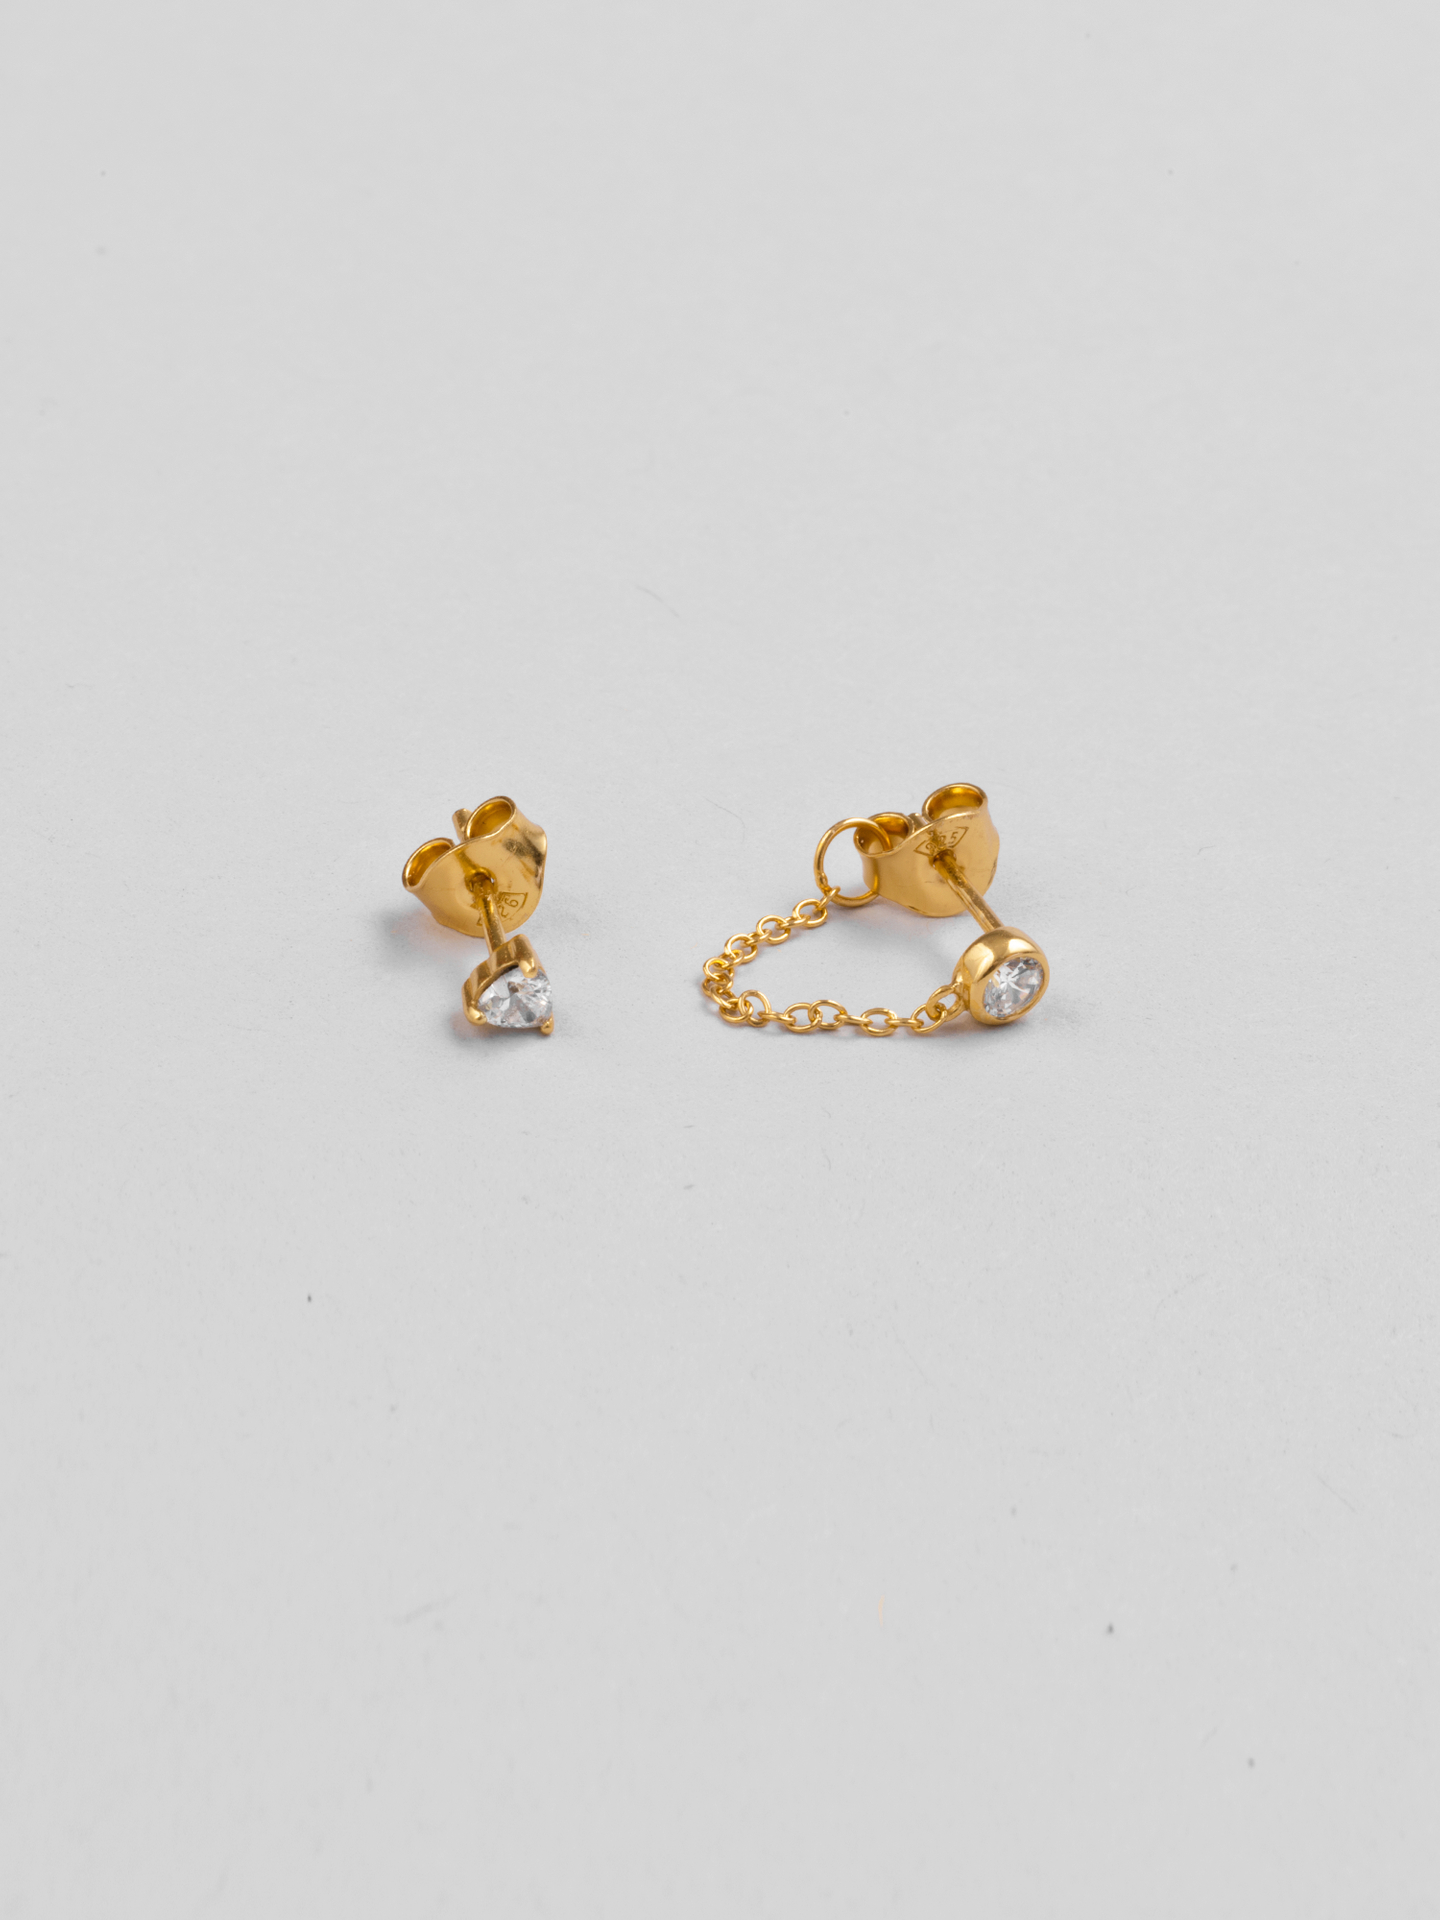 In Love Chain Earrings